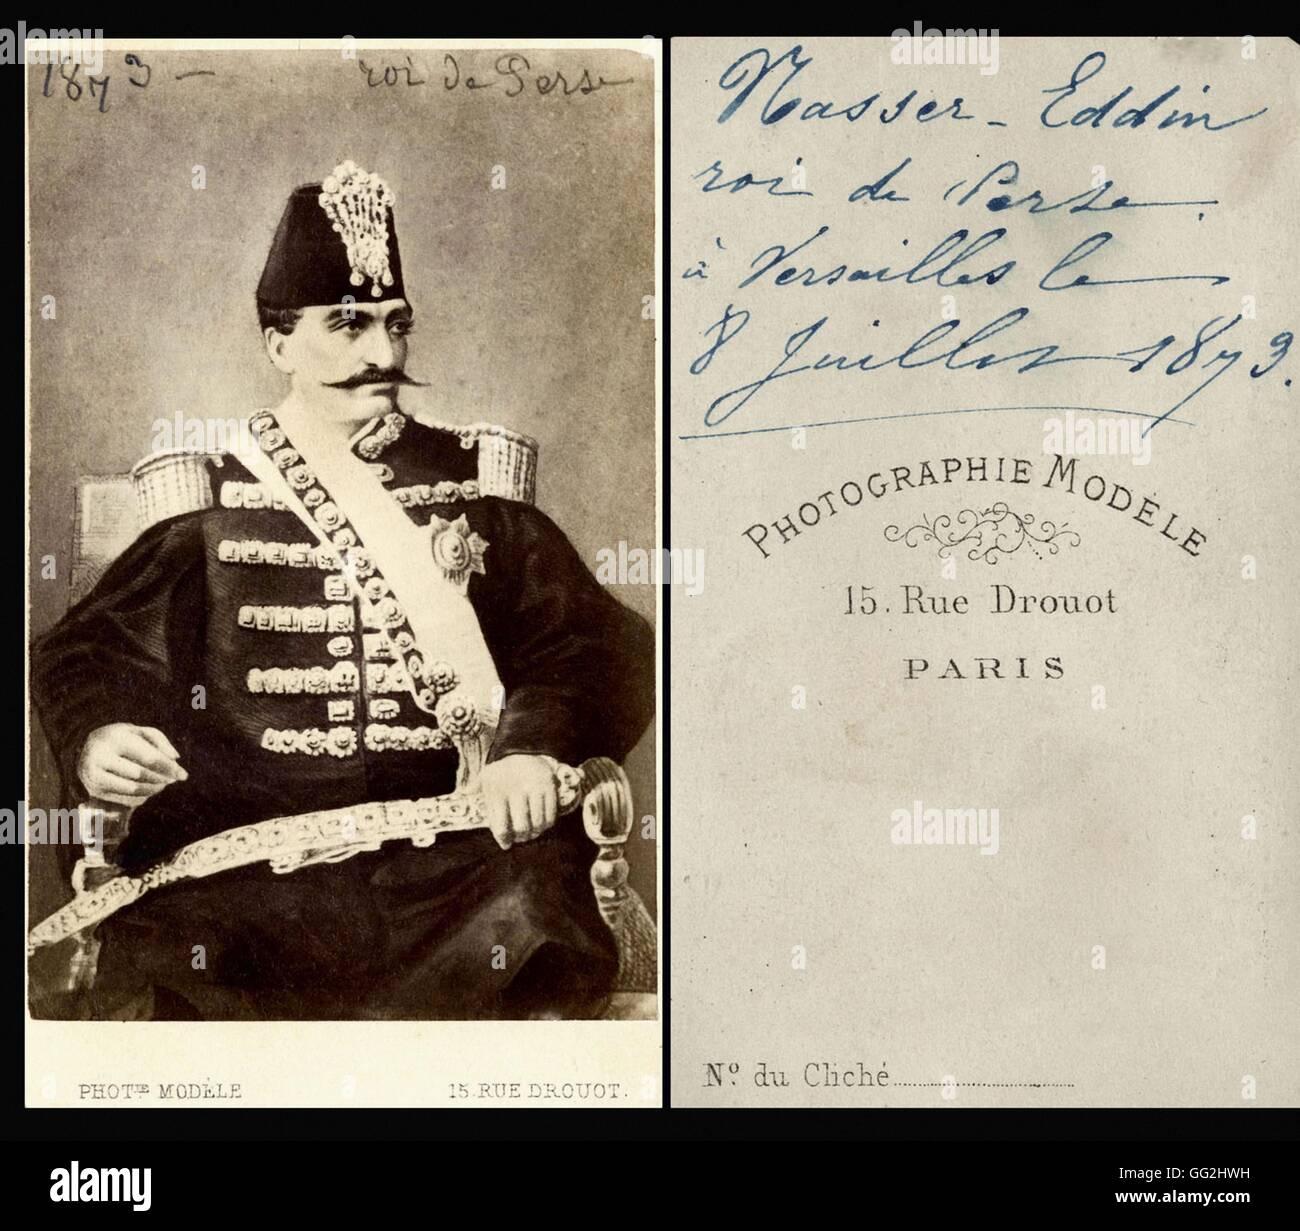 Portrait De Nasseredin Shah 1831 1896 Roi Perse Iran Partir 1848 Le 8 Juillet 1873 Carte Visite Taille